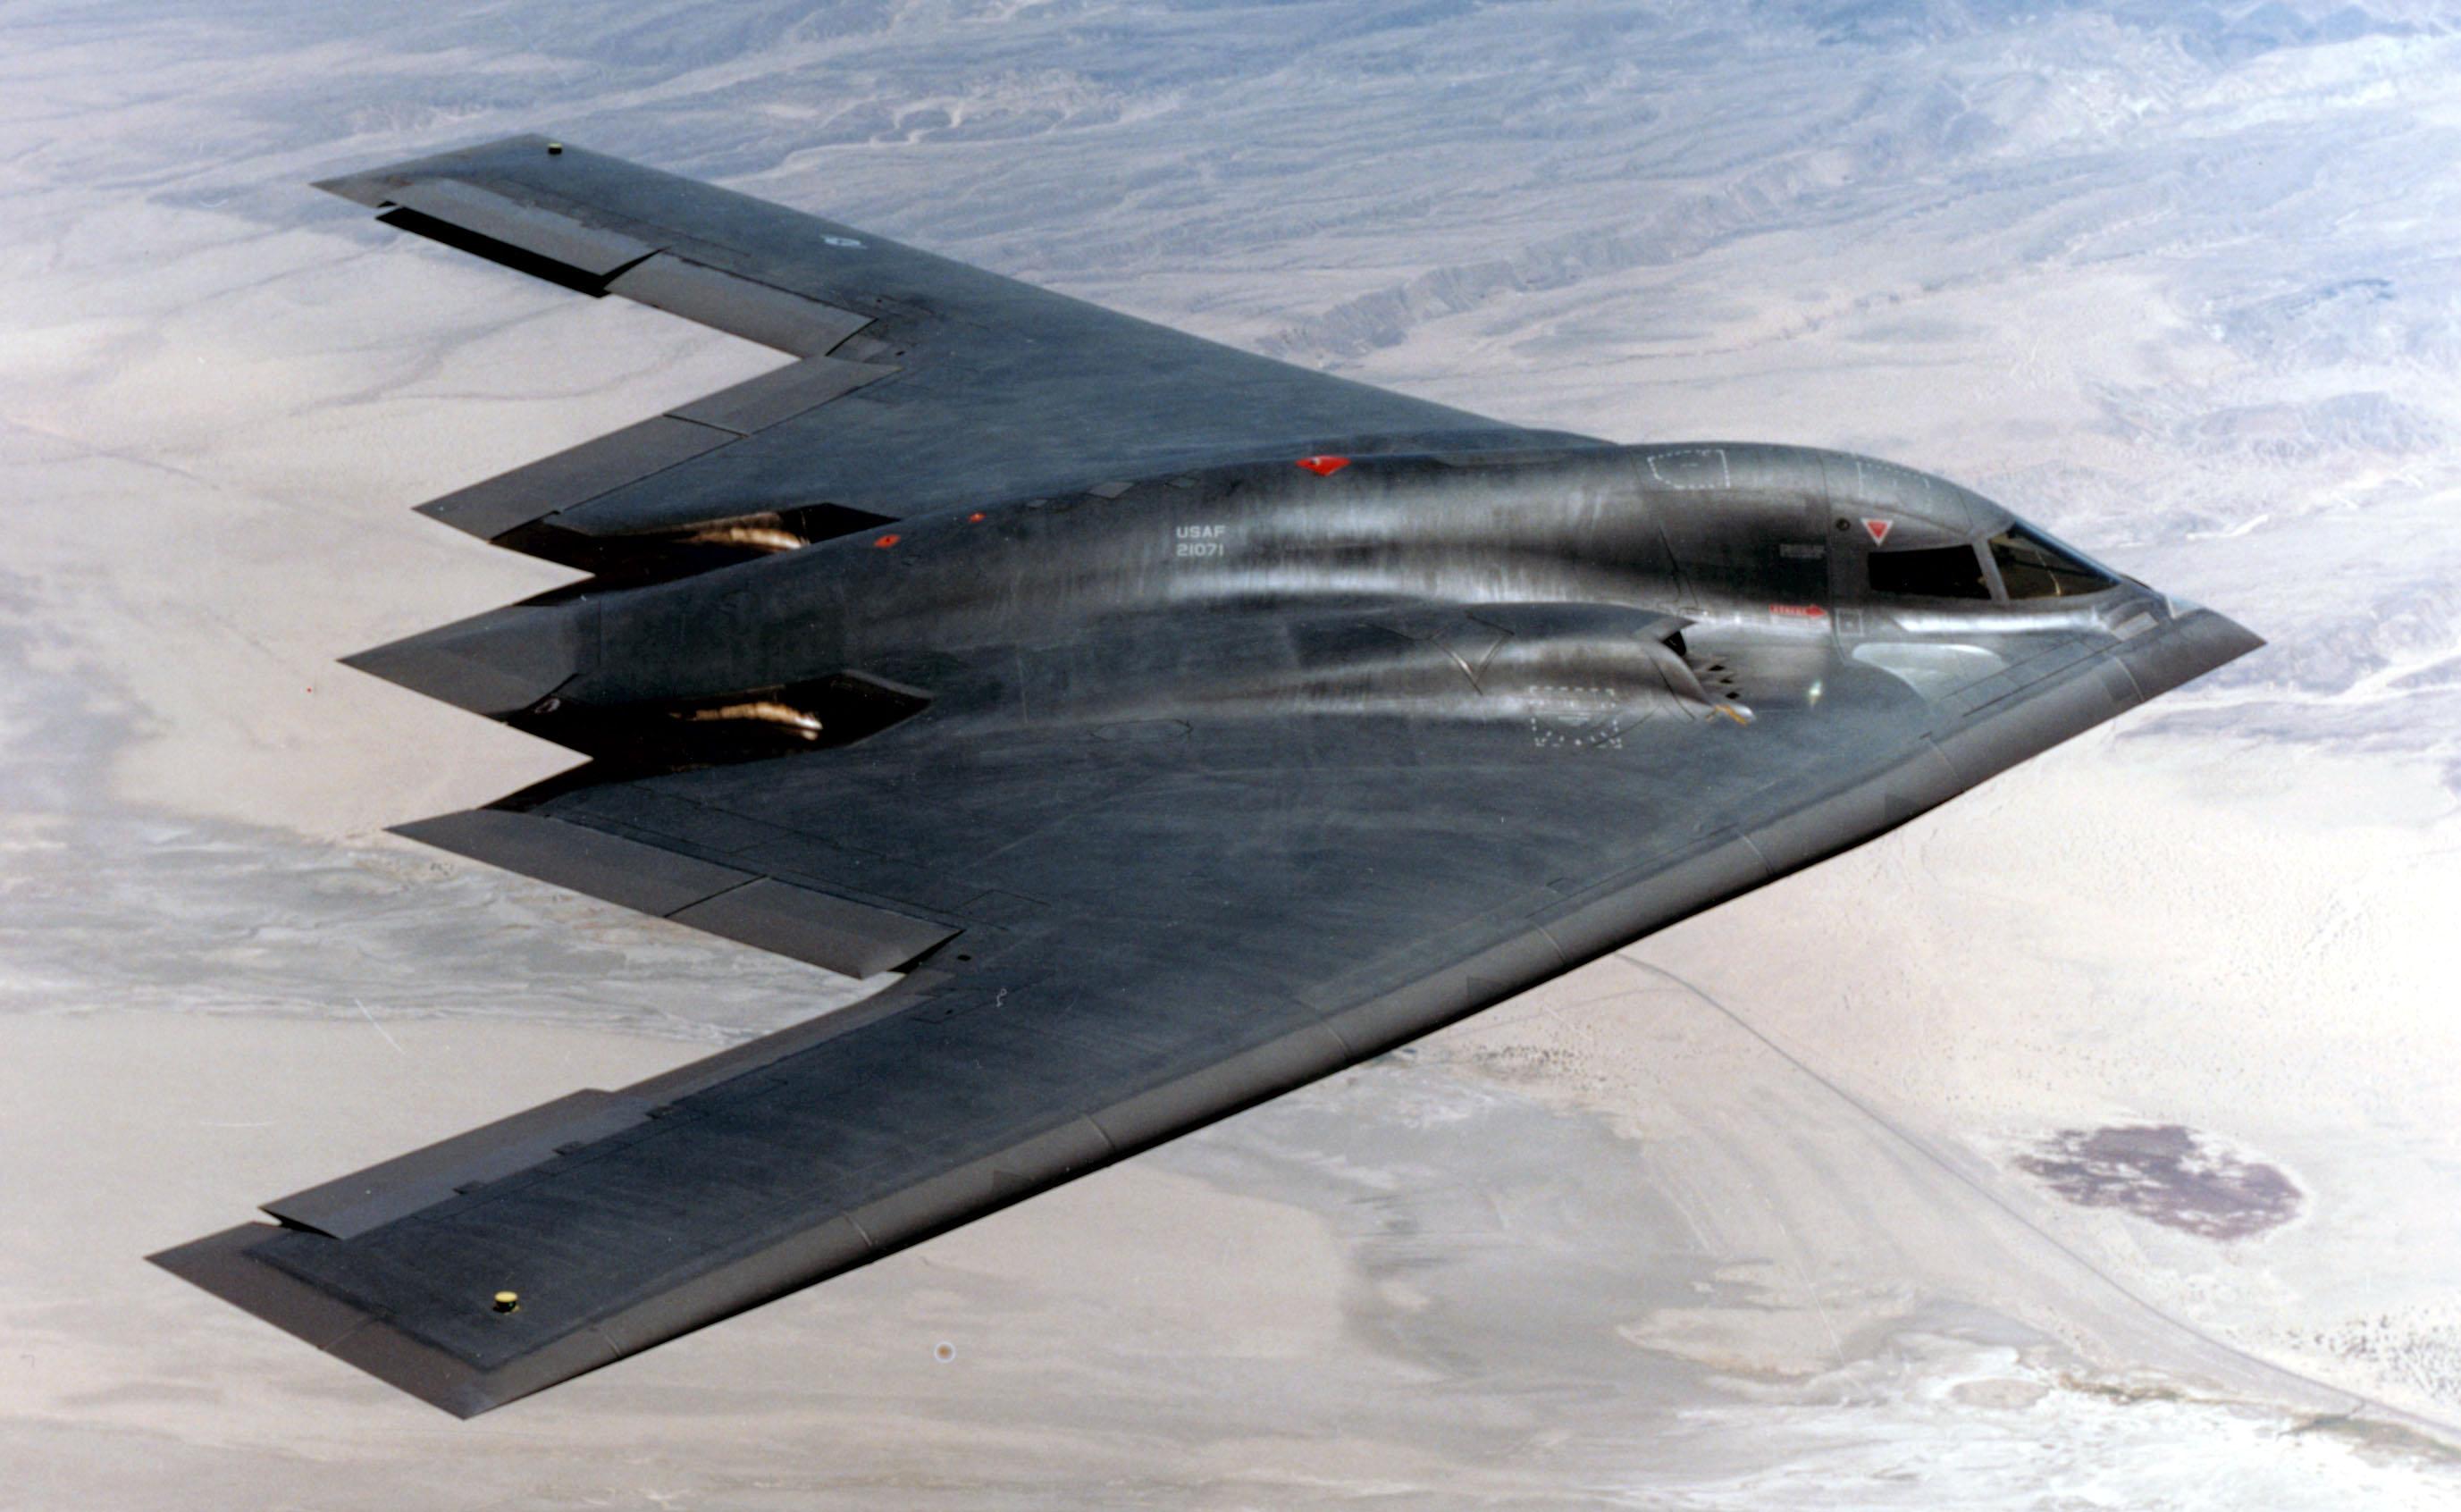 Máy bay ném bom B-2 Spirit của Northrop Grumman là vũ khí hiện đại nhất và đắt nhất của quân đội Mỹ